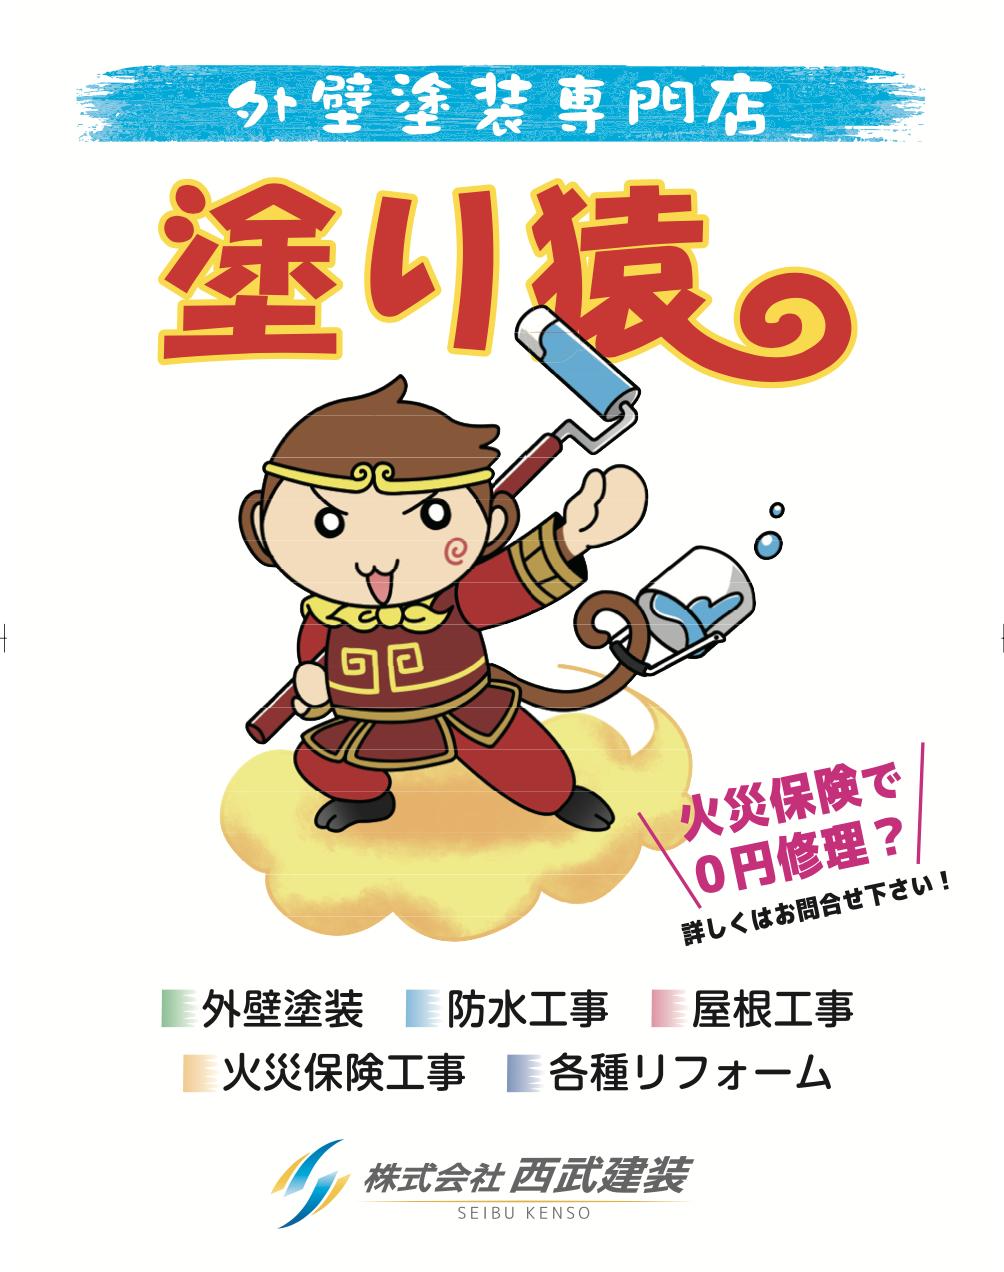 外壁塗装専門店 塗り猿(東京都)の店舗イメージ